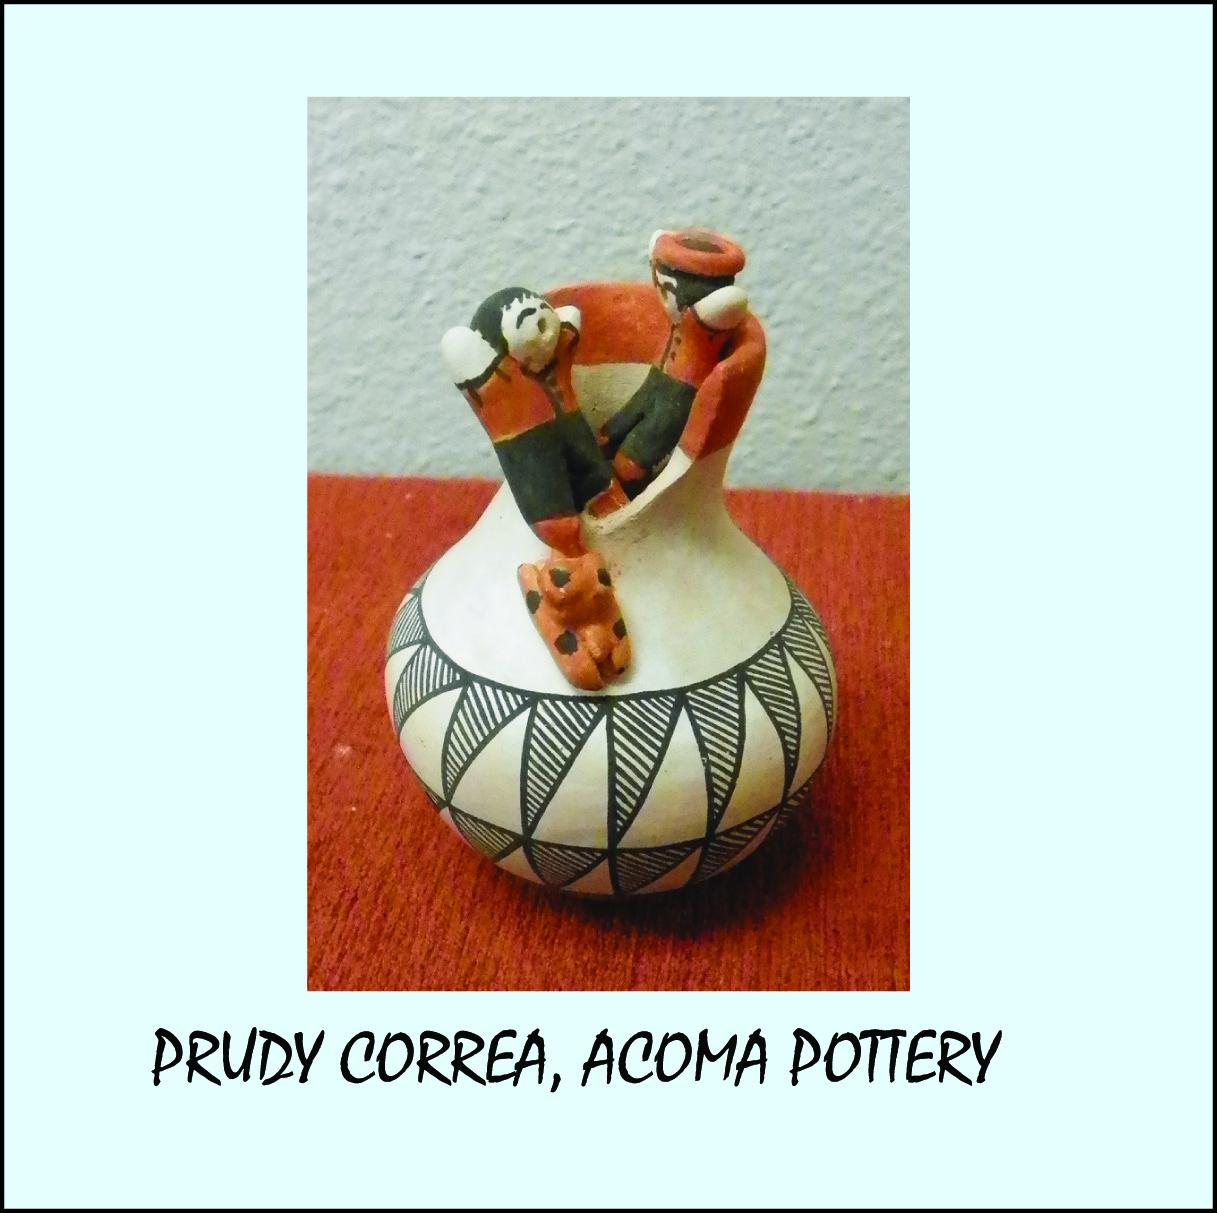 Prudy Correa, Acoma Pueblo